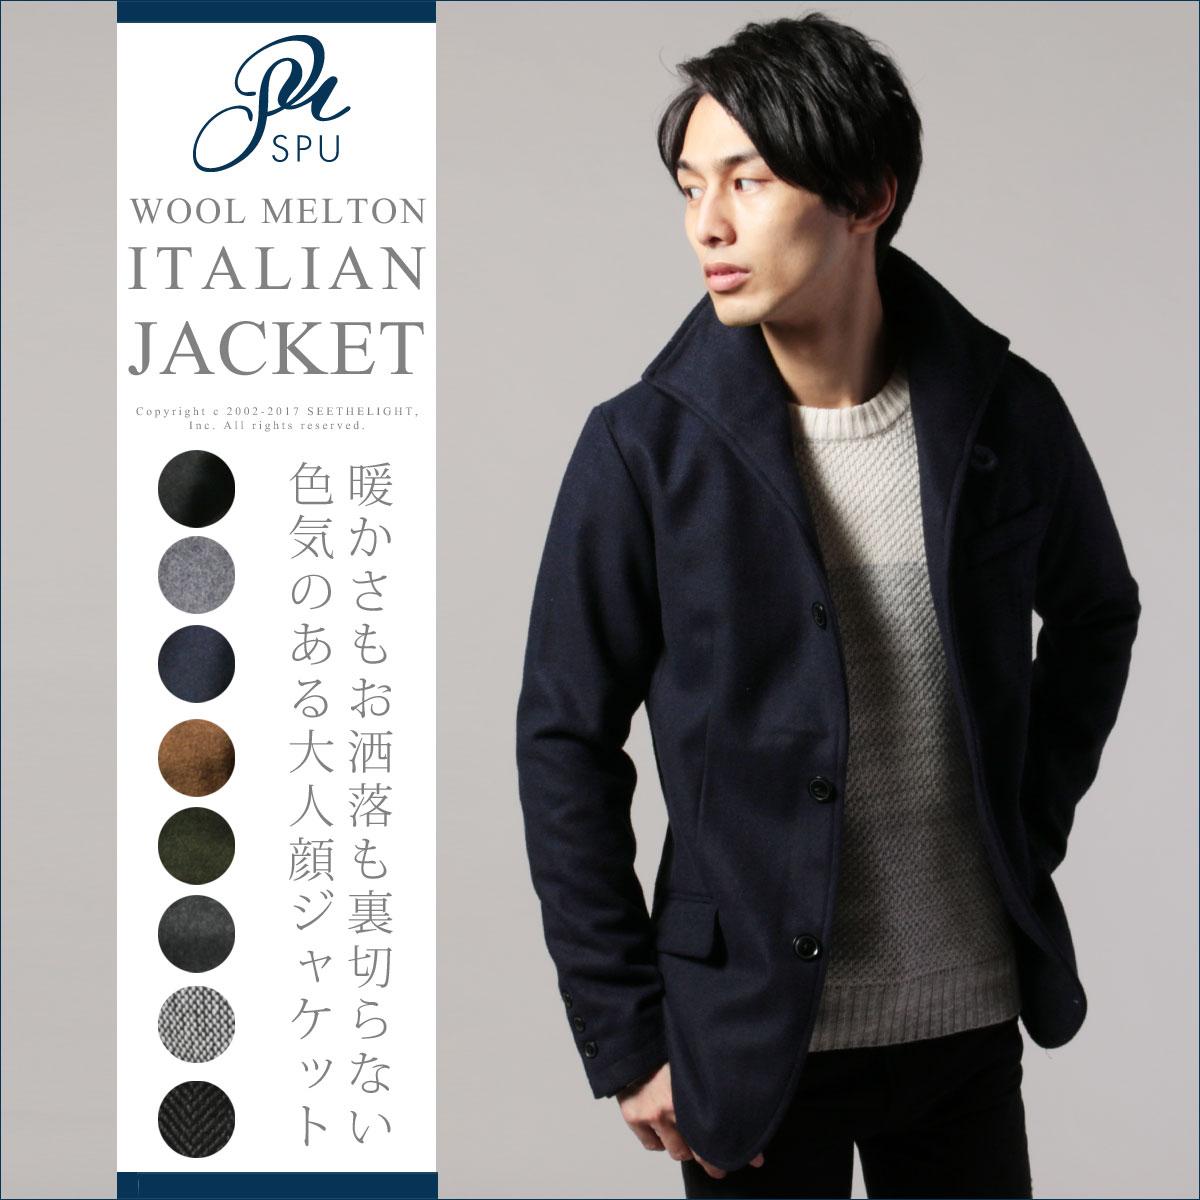 秋冬 イタリアンカラー ジャンパー・ブルゾン アウター メンズファッション メルトン ウール